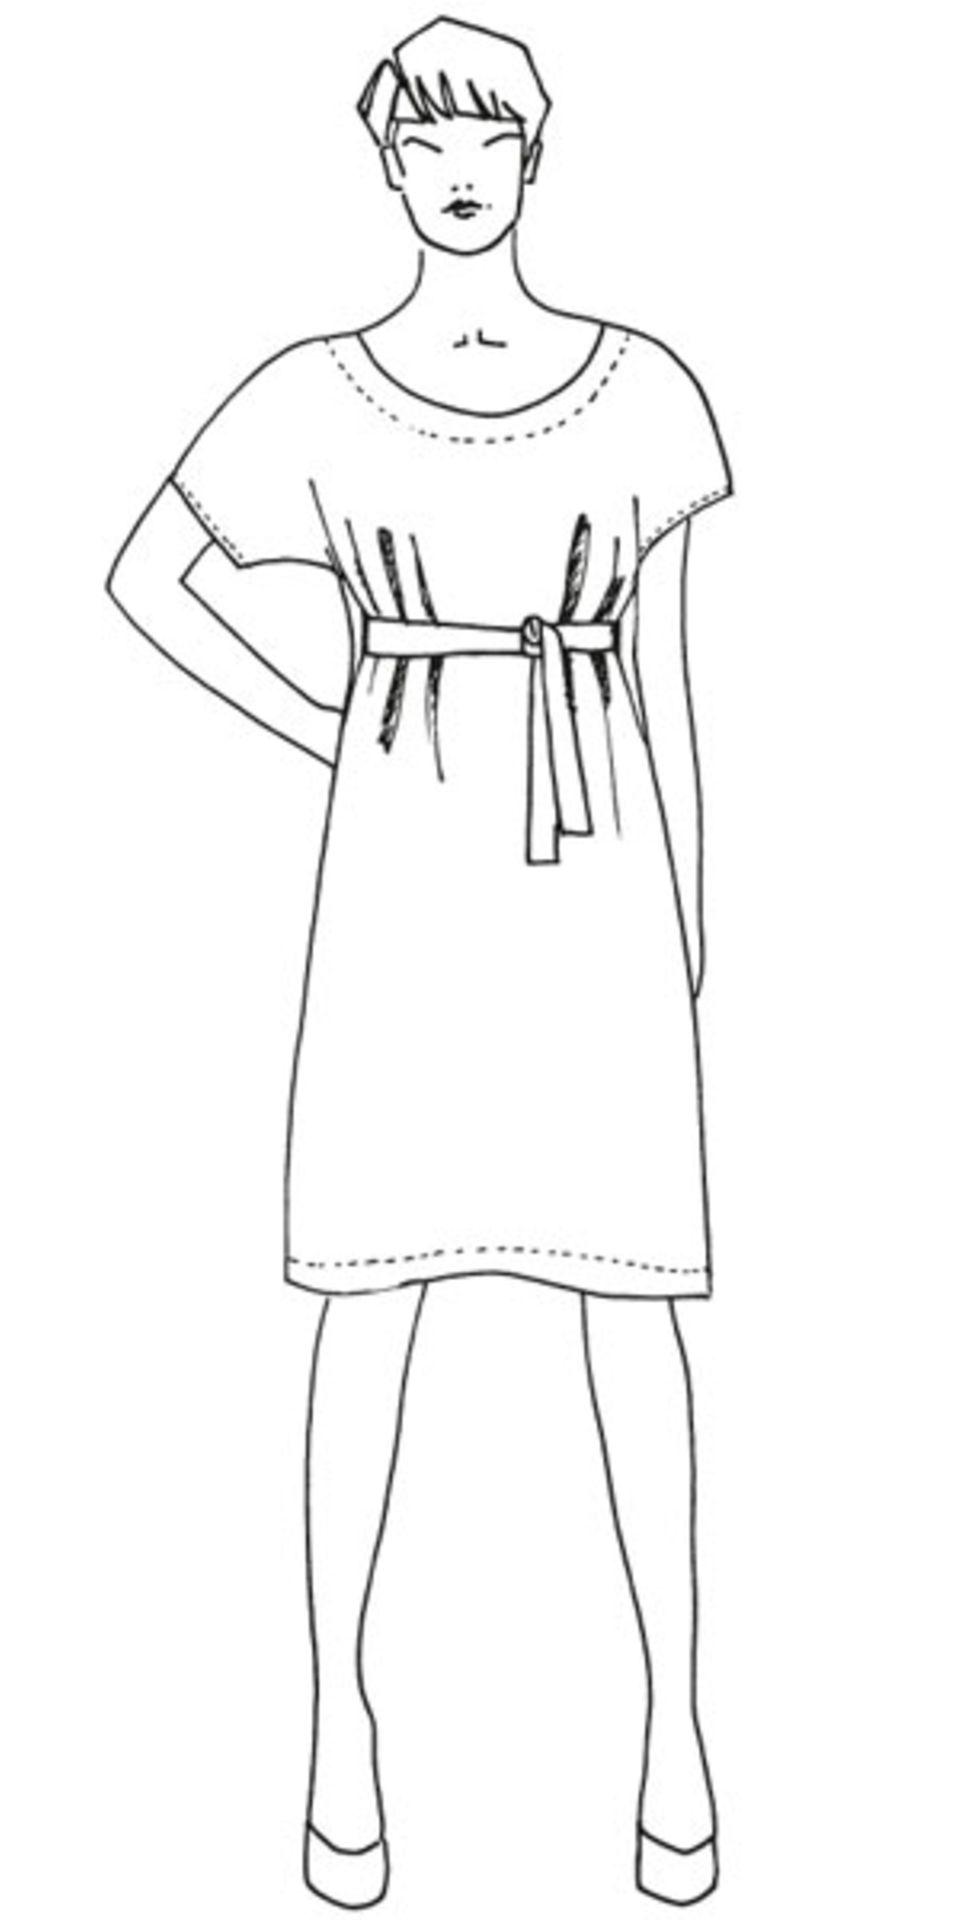 Kleid mit Gürtel nähen - eine Anleitung